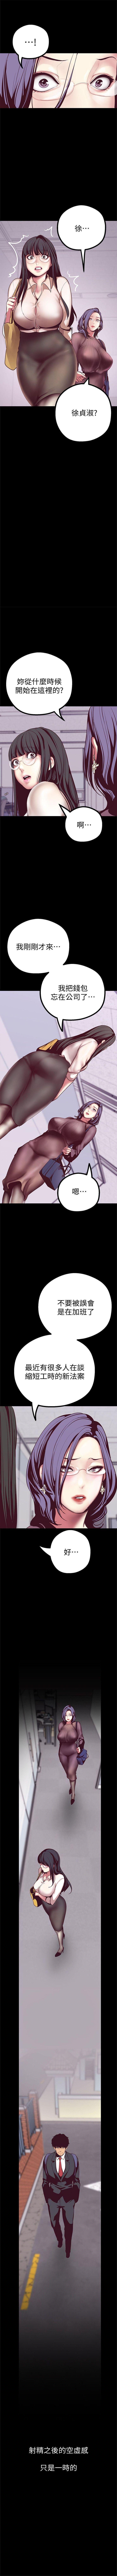 (週1)美麗新世界 1-76 中文翻譯 (更新中) 110